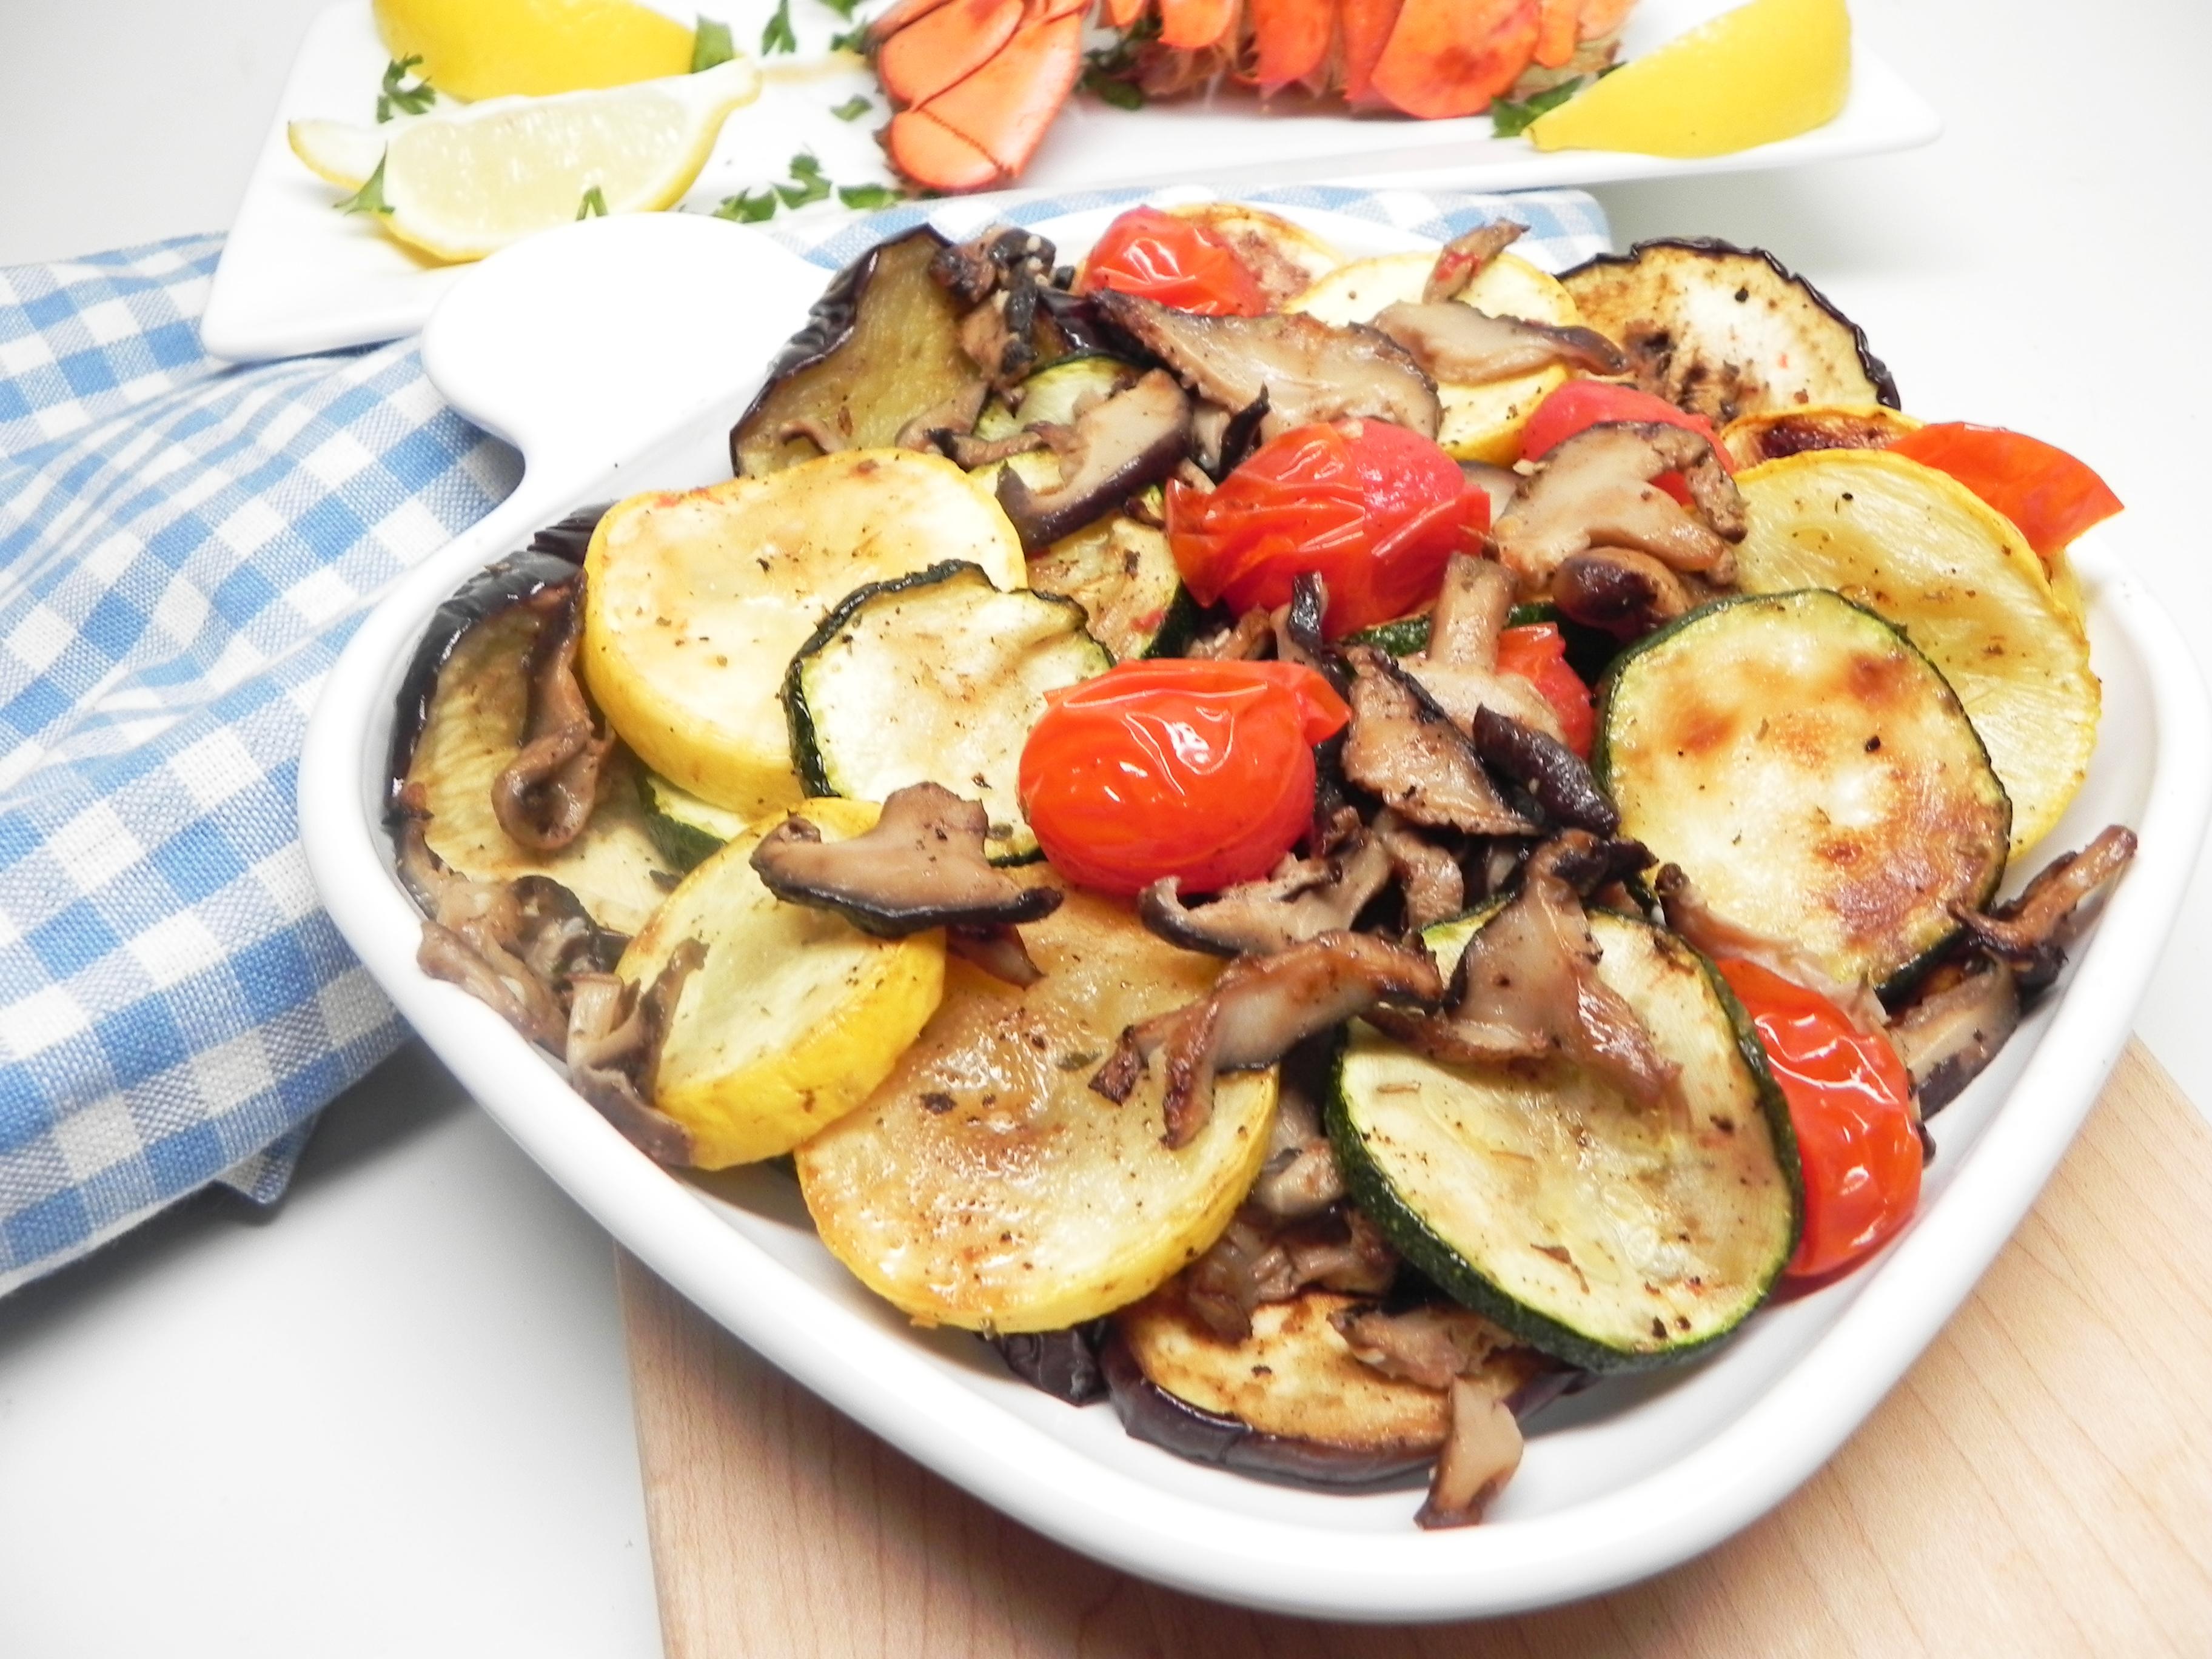 Air-Fried Mediterranean Vegetable Medley